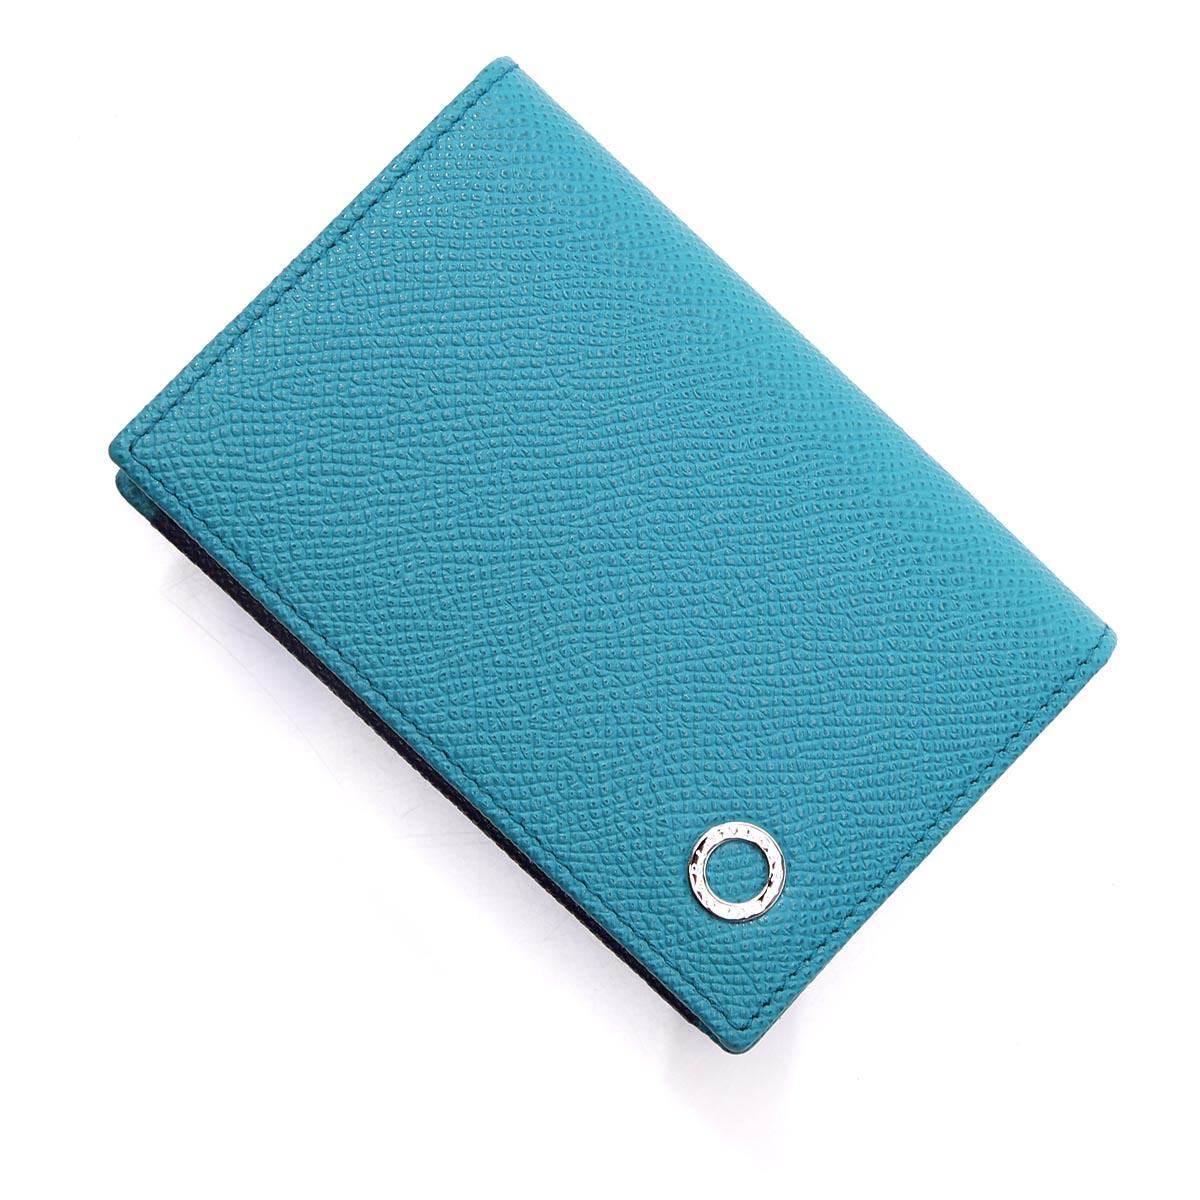 ブルガリ BVLGARI カードケース ブルー メンズ 290057 capritourquoise royalsapphire BVLGARI BVLGARI MAN【あす楽対応_関東】【返品送料無料】【ラッピング無料】